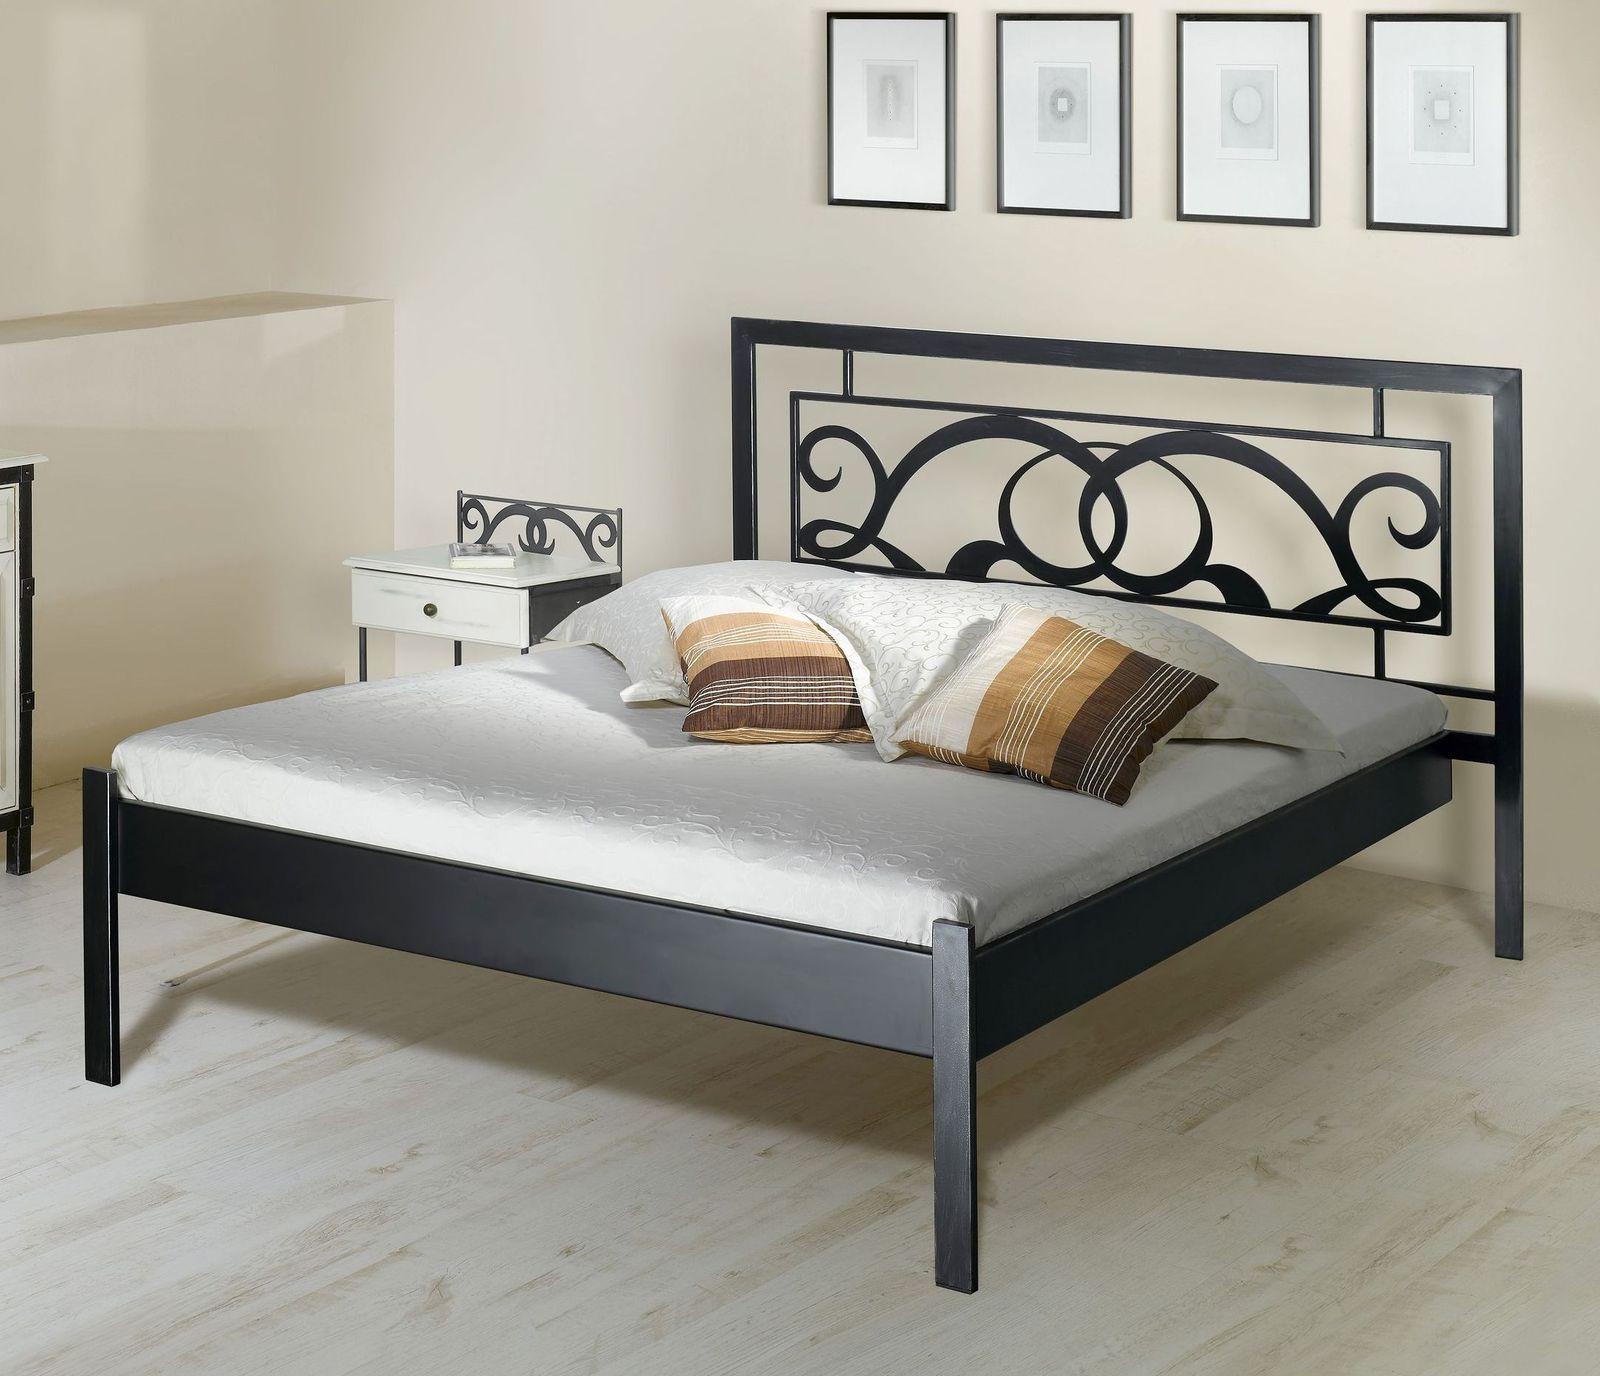 Stabile Metallbetten günstig kaufen im Online Betten Shop